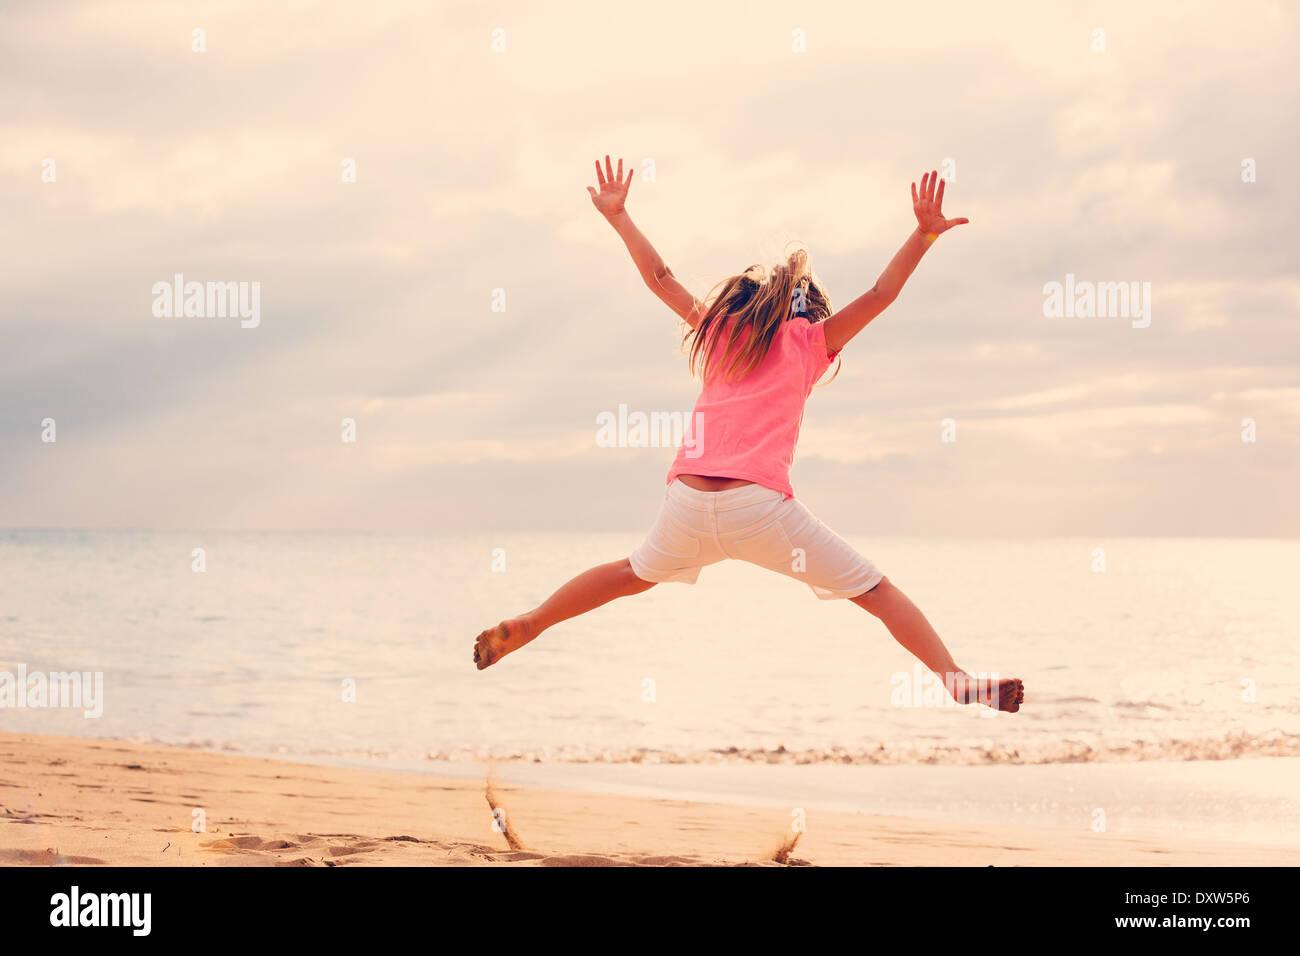 Felice giovane ragazza salti di gioia sulla spiaggia al tramonto Immagini Stock